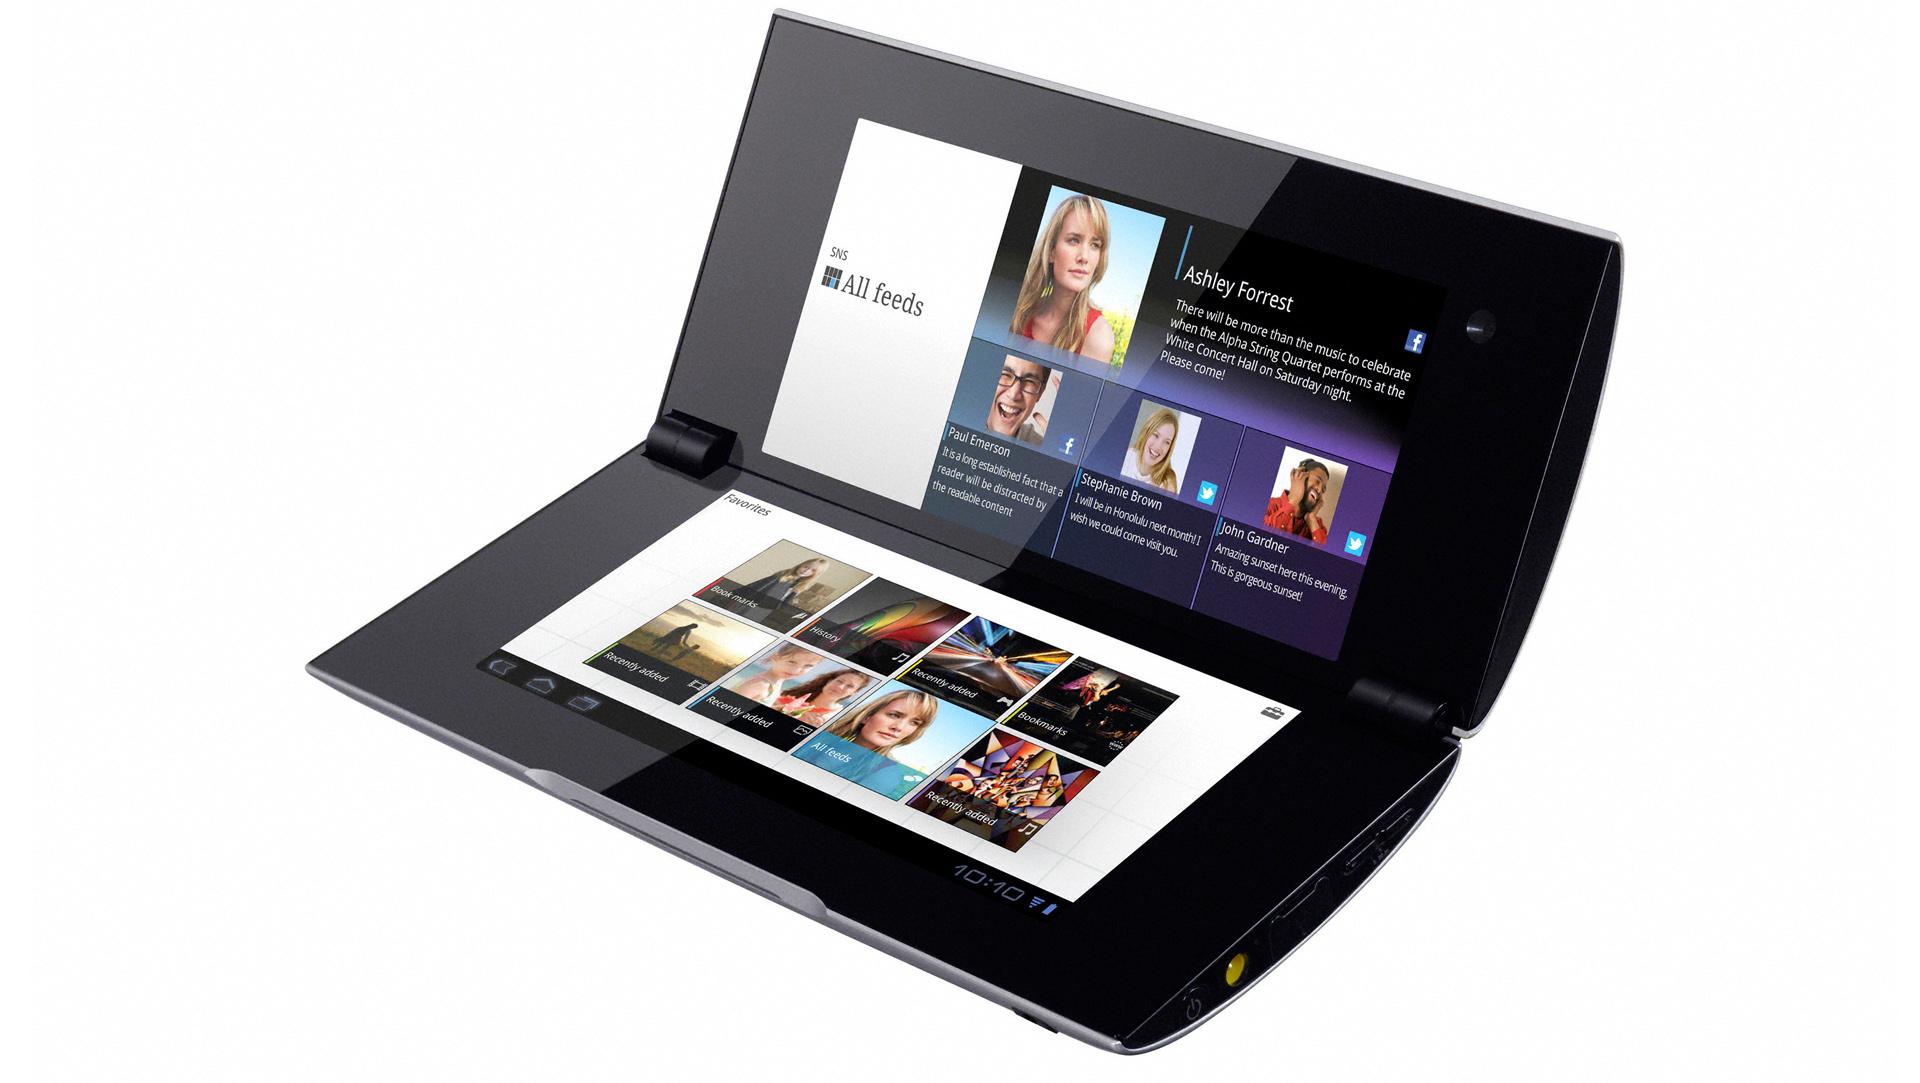 Sony Tablet P - dwuekranowy tablet z HSPA+ w ofercie AT&T